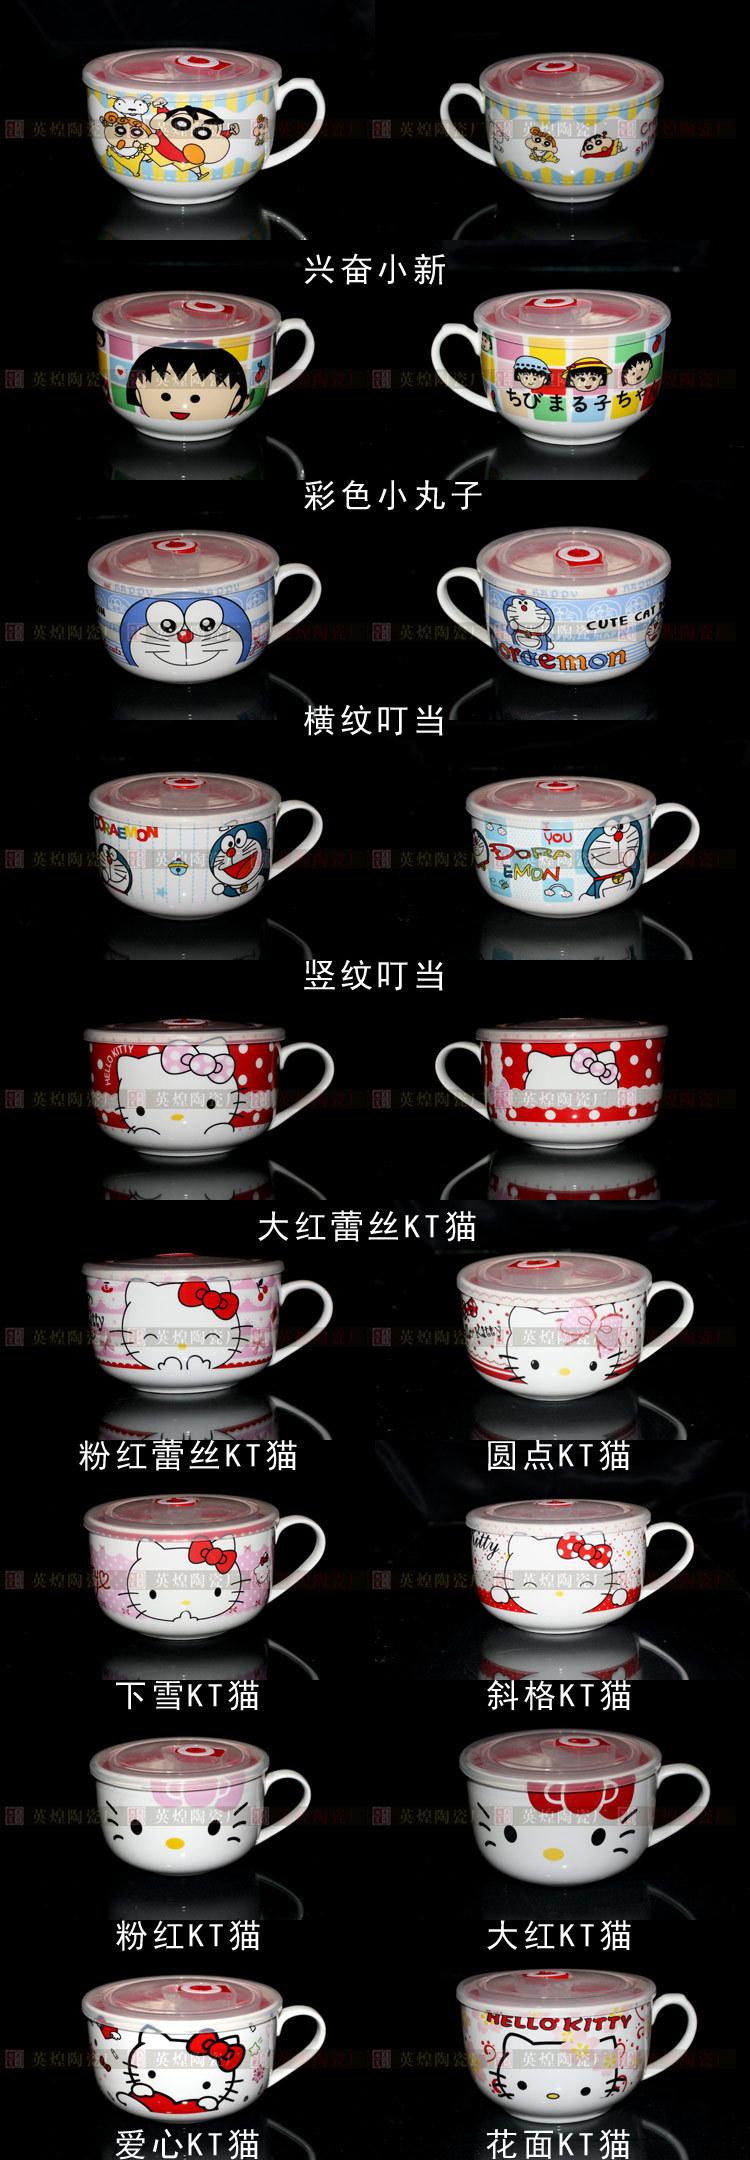 韩式家居陶瓷餐具 带盖保鲜面杯 泡面碗 KT猫泡面杯 卡通图片_5